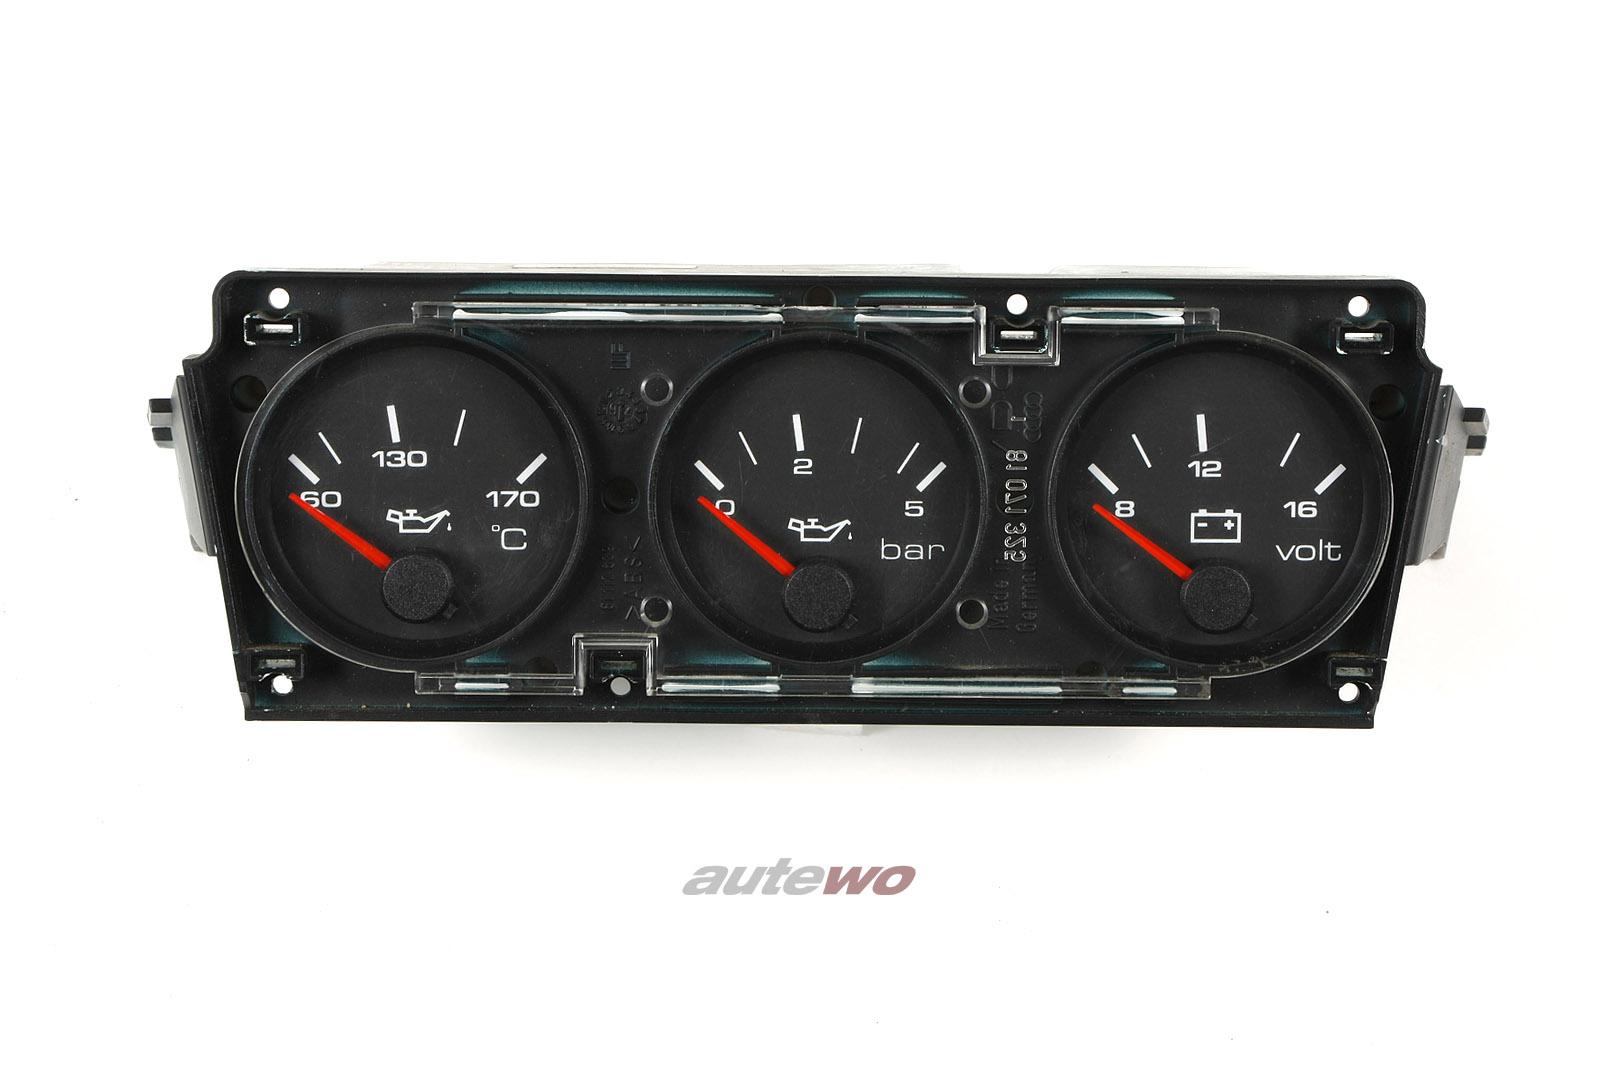 8A1919214 Audi 80 B4/Coupe/Cabrio Typ 89 Zusatzinstrumente Öldruck/Öltemperatur